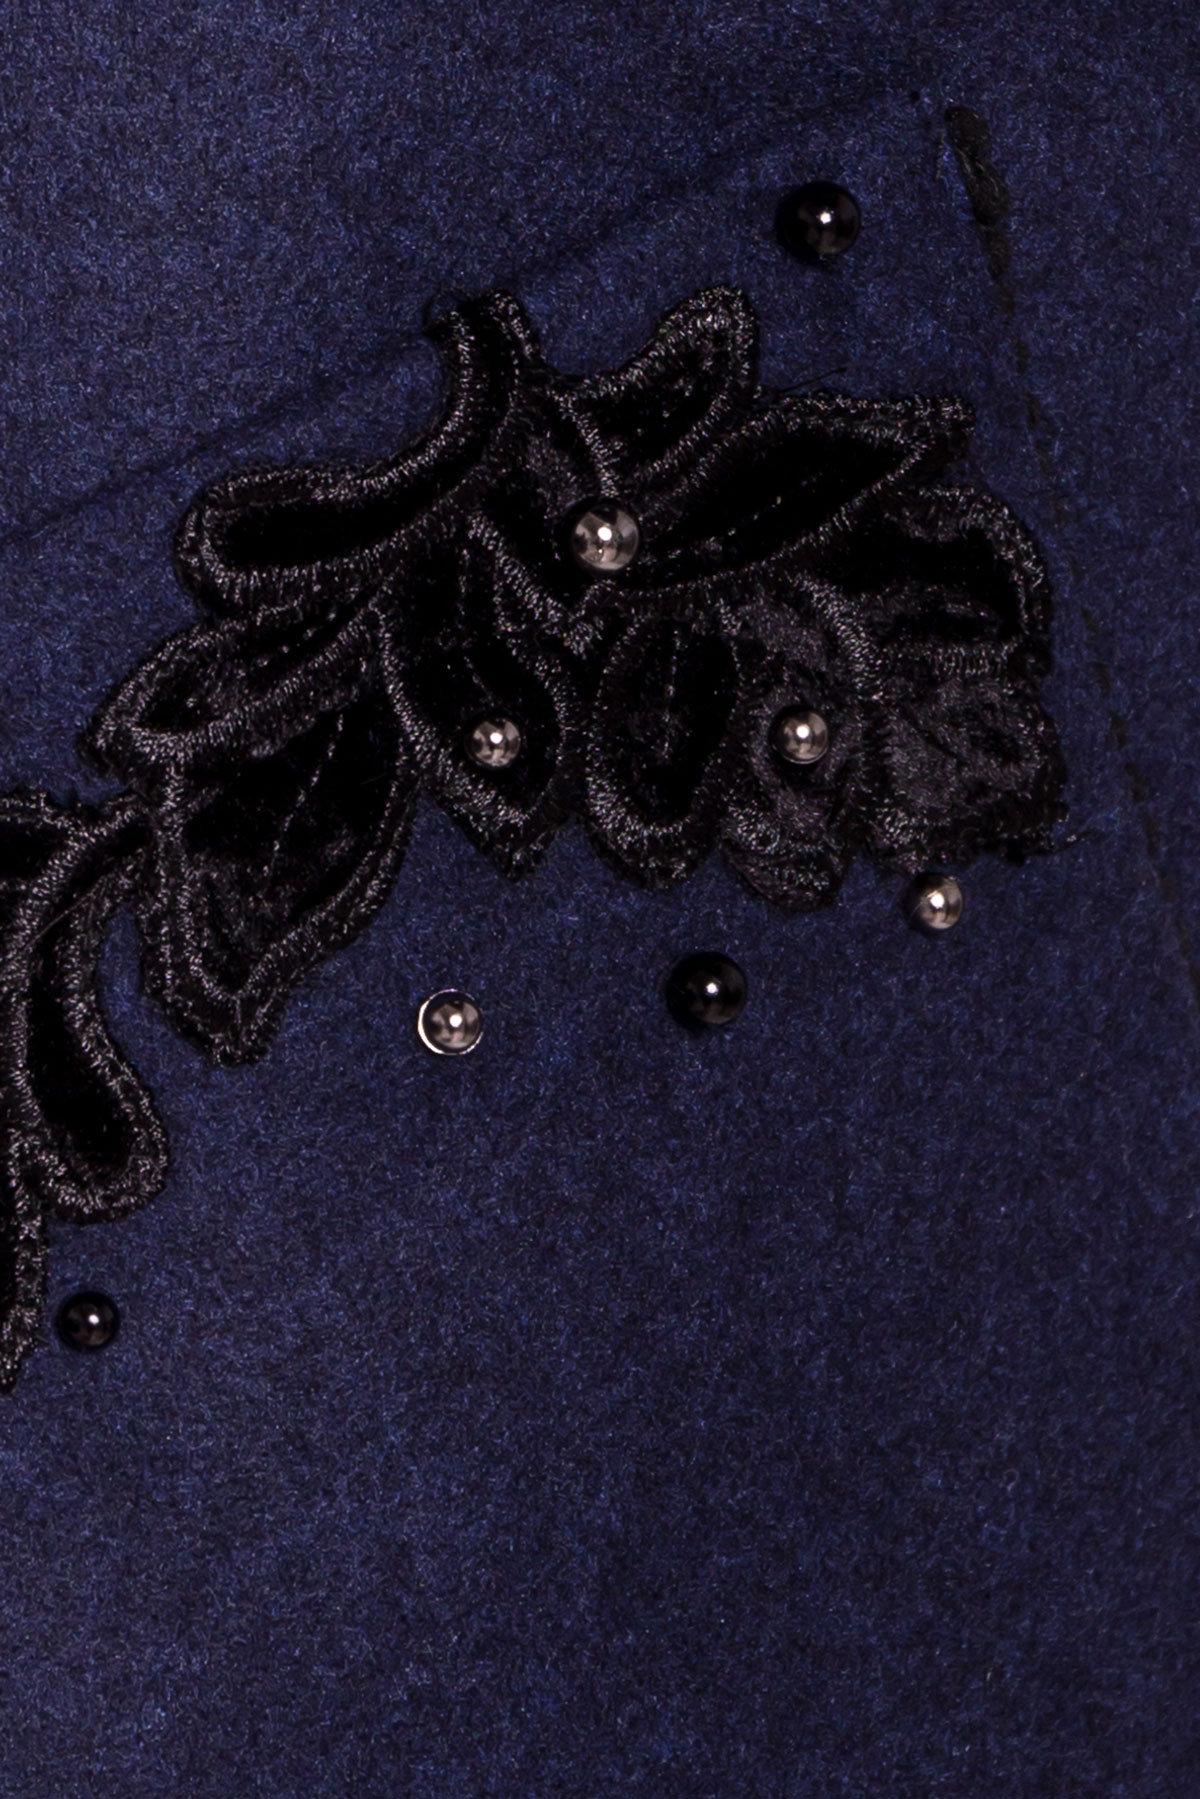 Укороченное пальто-трапеция с вышивкой Латта 5526 АРТ. 37721 Цвет: Синий 1 - фото 5, интернет магазин tm-modus.ru